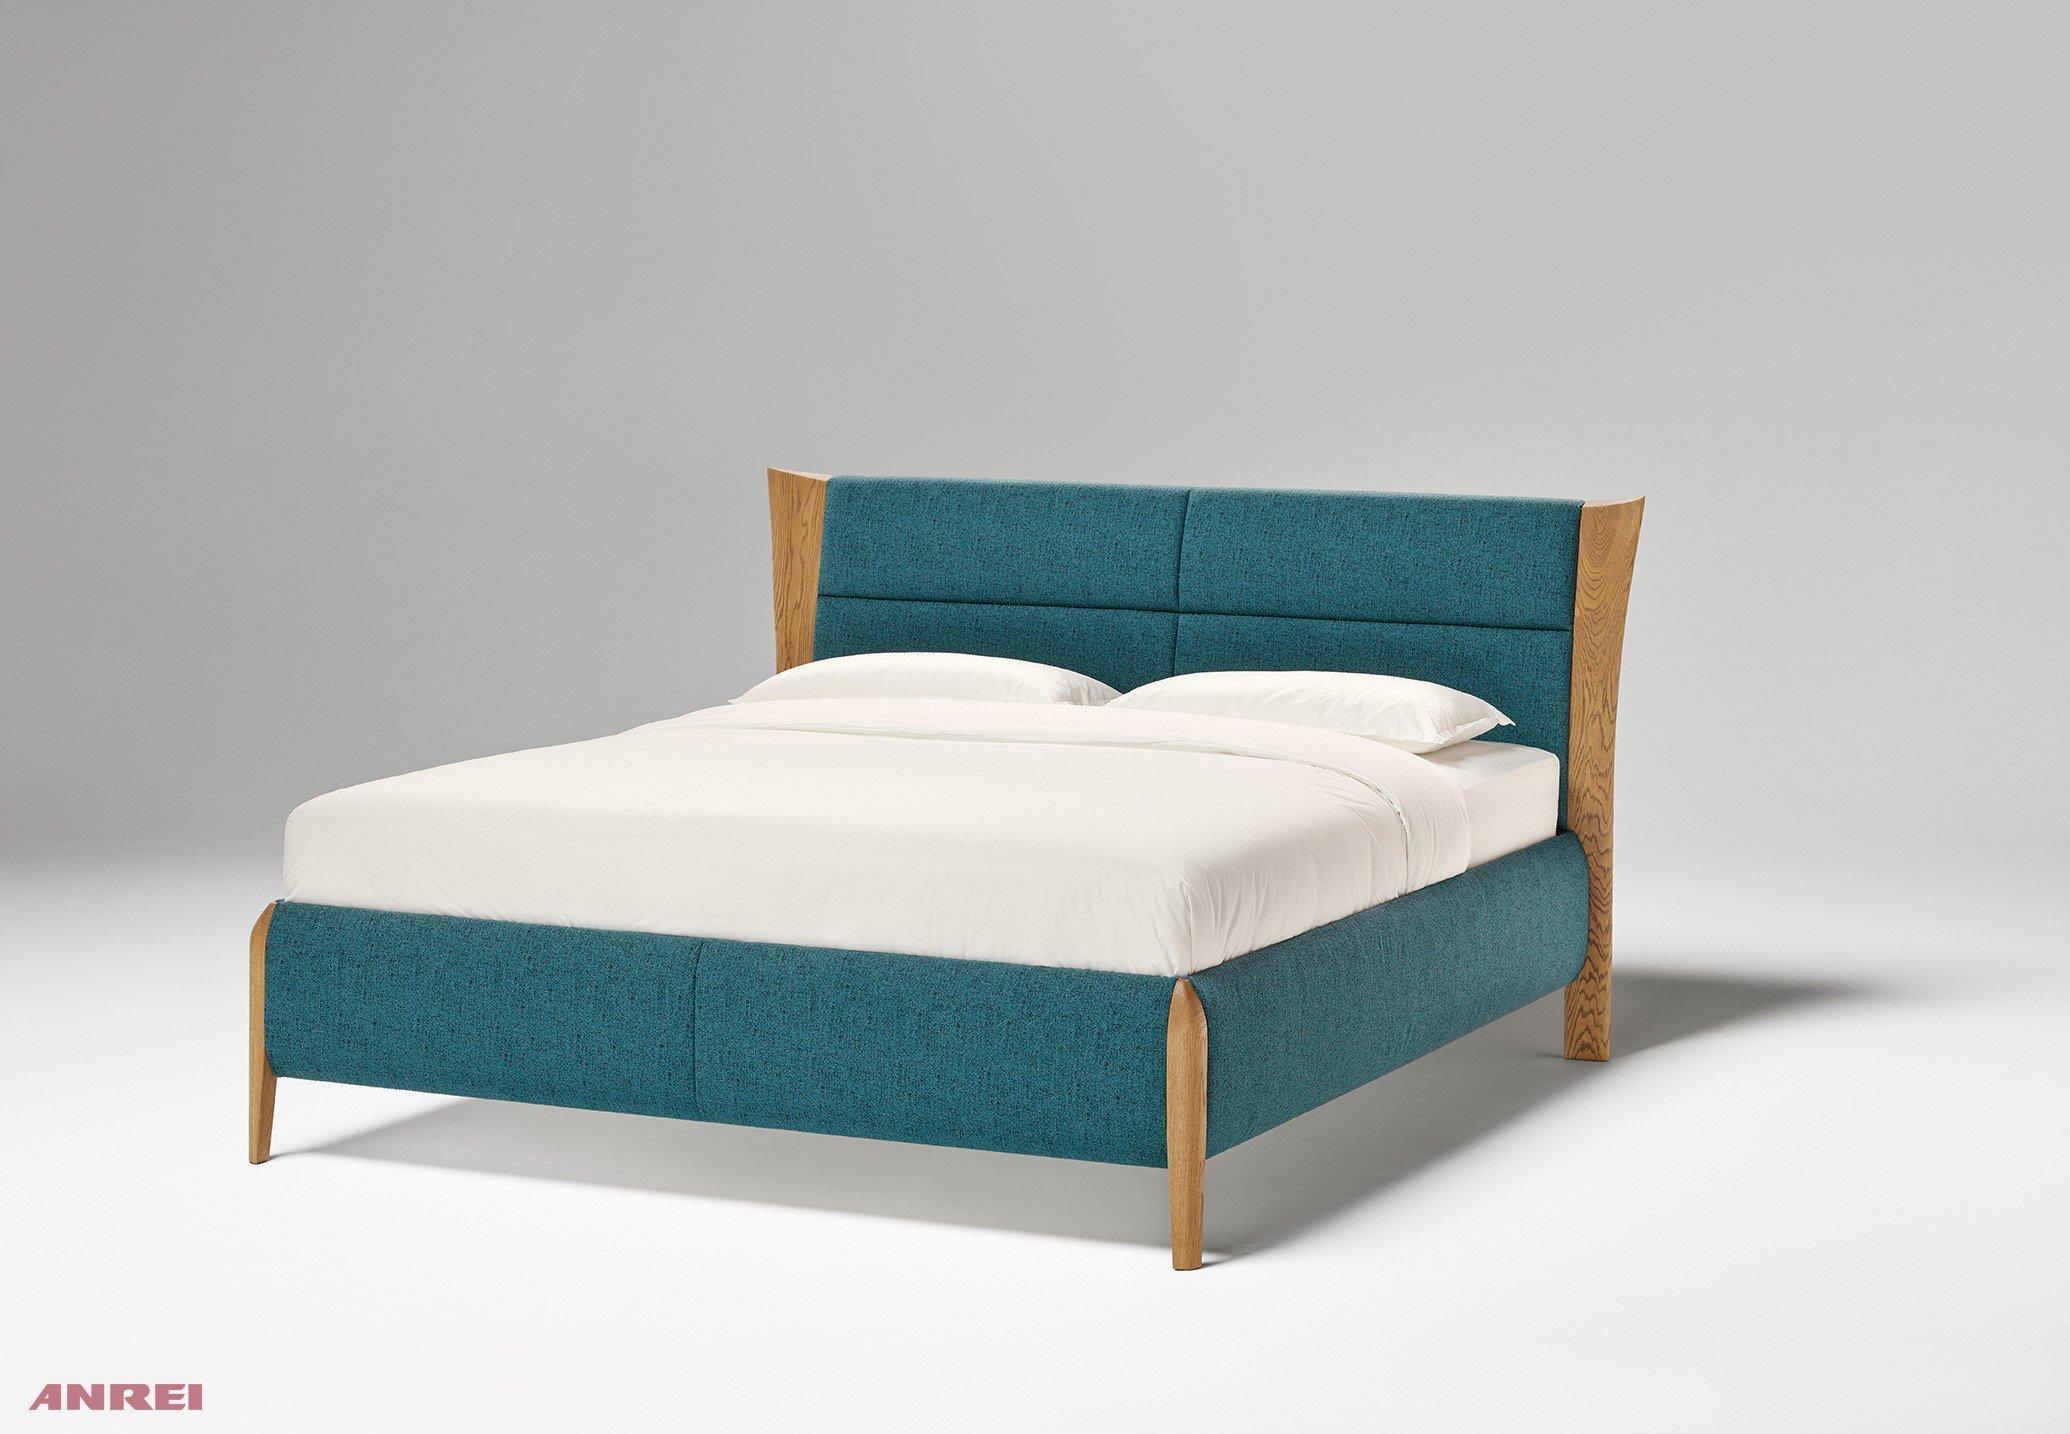 anrei mevisto schlafzimmer asteiche petrol m bel letz ihr online shop. Black Bedroom Furniture Sets. Home Design Ideas